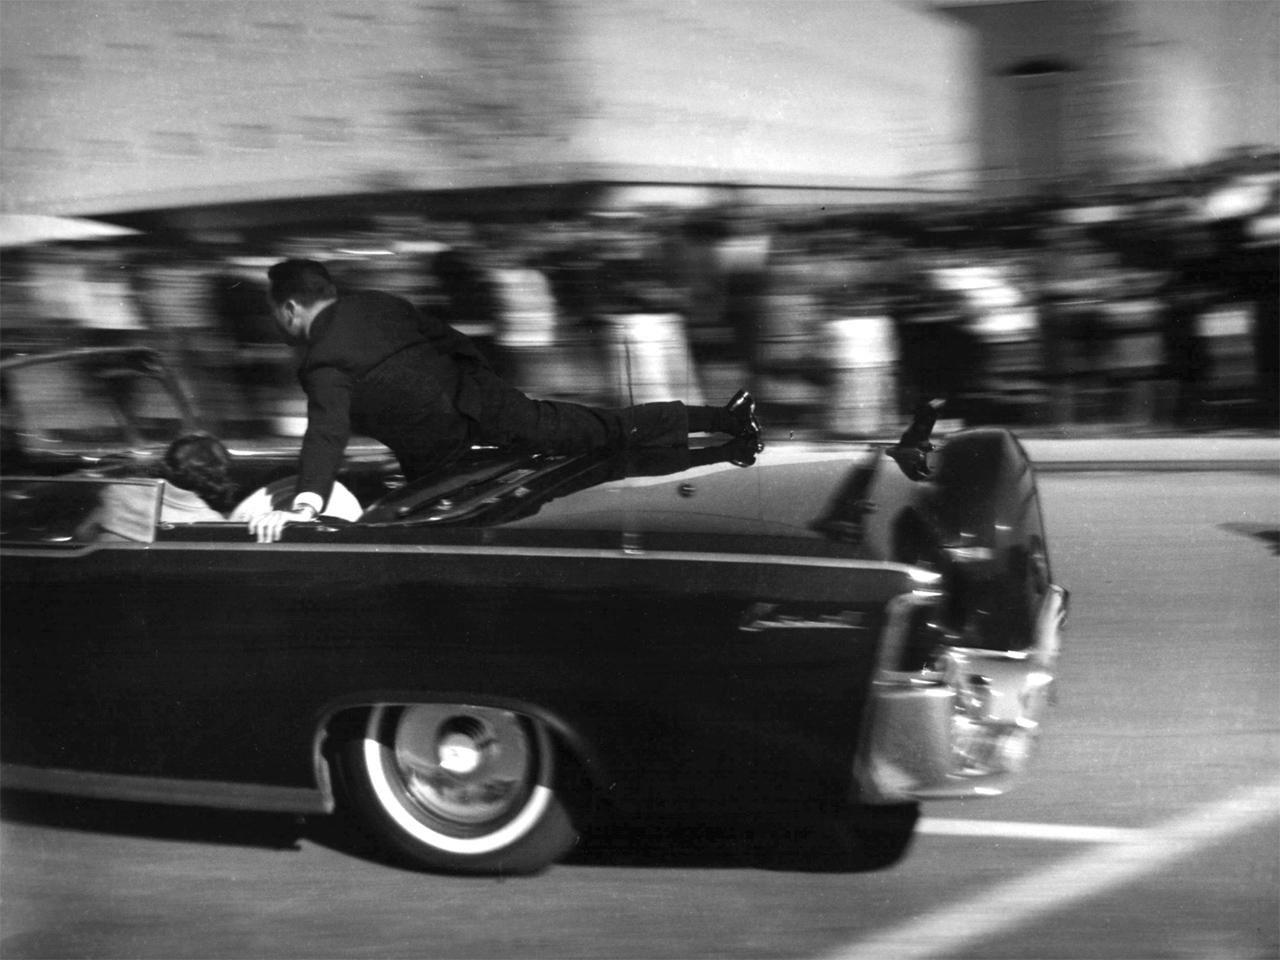 Jacqueline Kennedy Onassis Jfk, Jacqueline kennedy